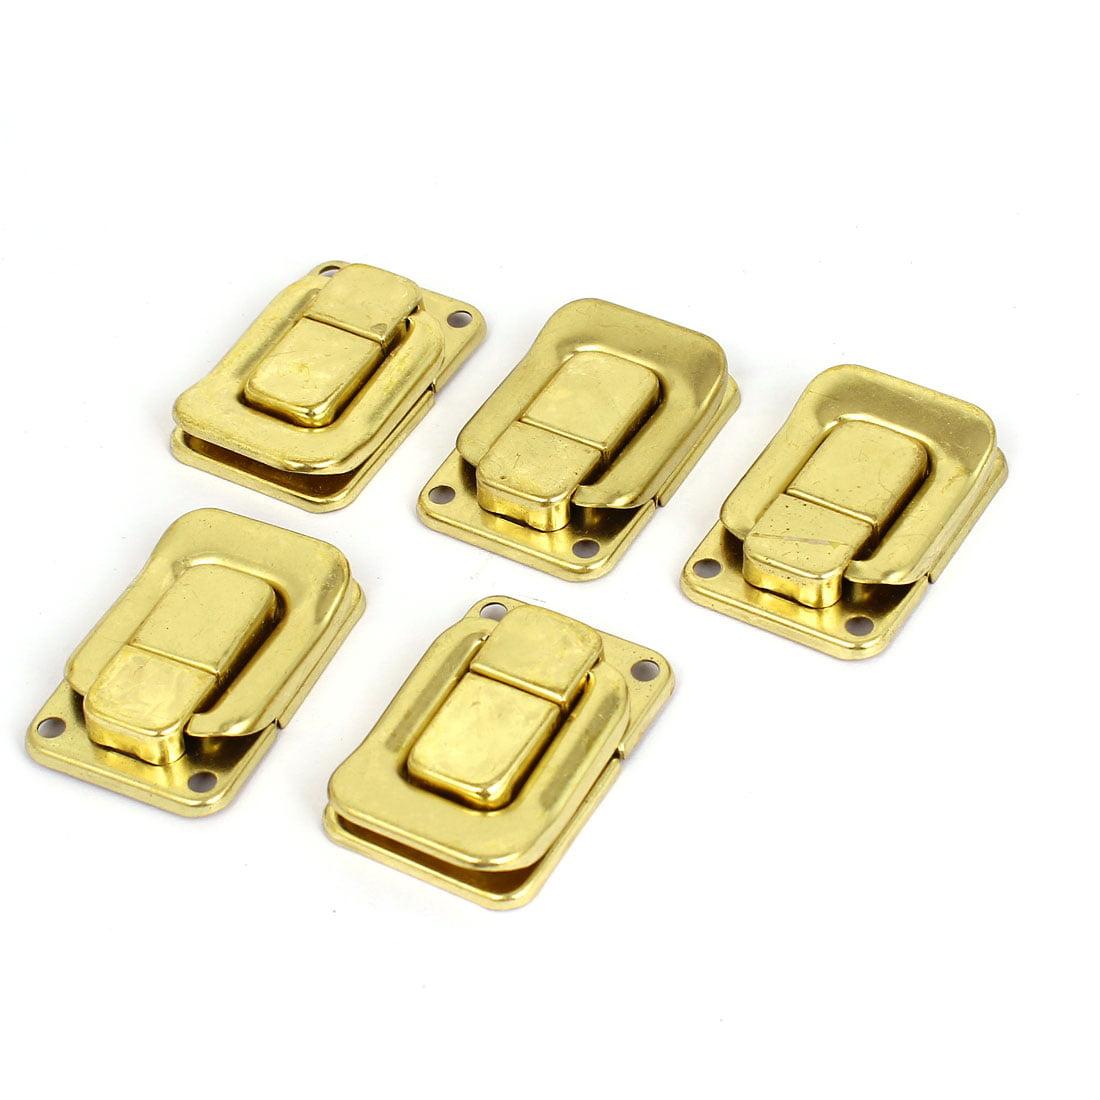 Unique Bargains 5 Pcs Gold Tone Metal Toggle Latch Catch Chest Box Case Suitcase Clasps